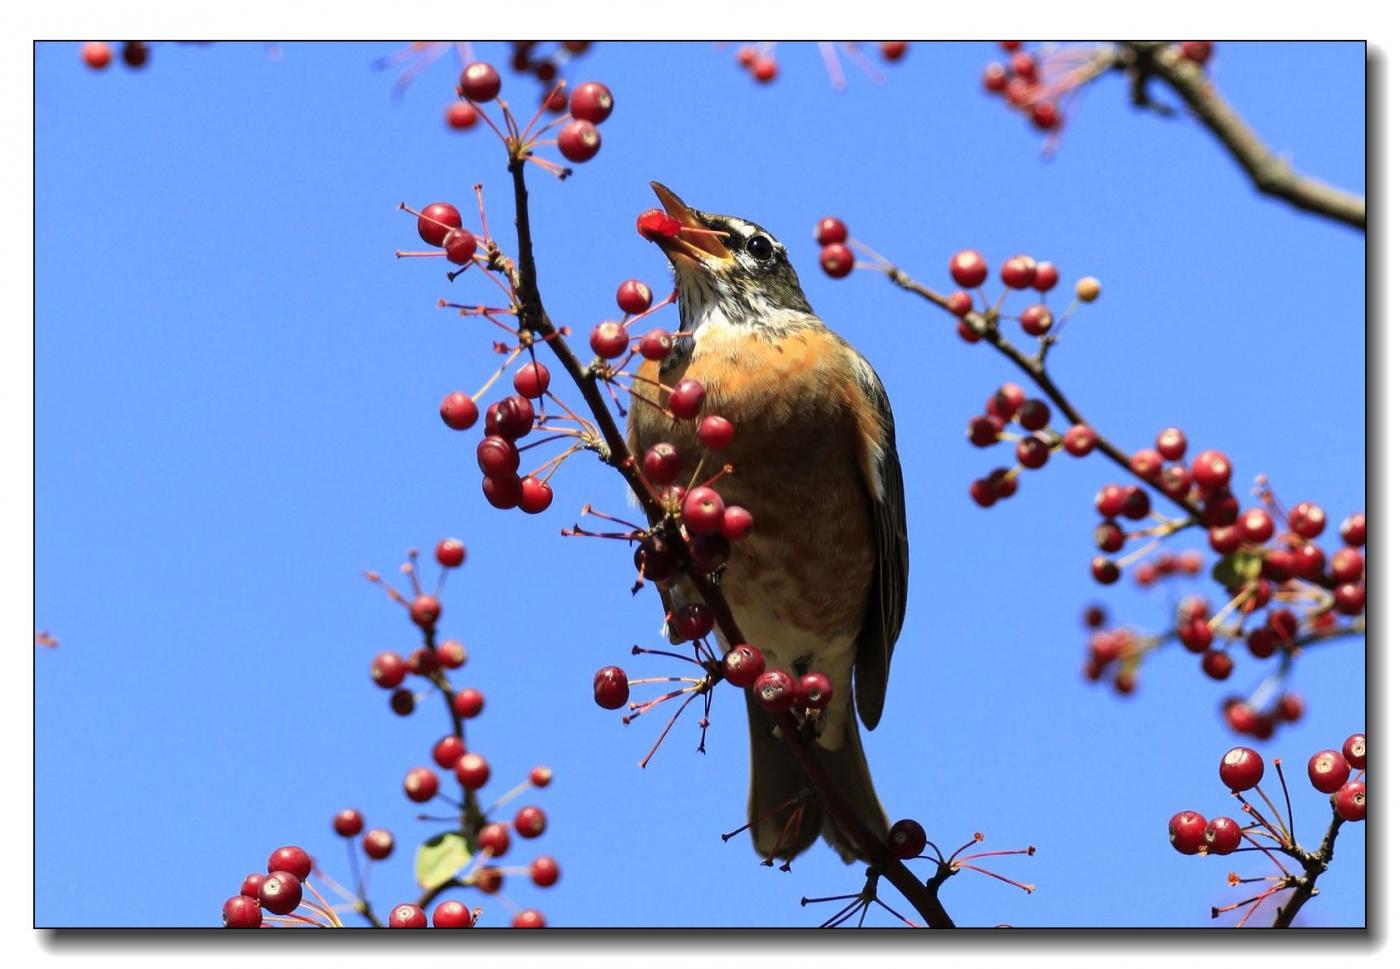 果熟鸟来图-知更鸟_图1-12